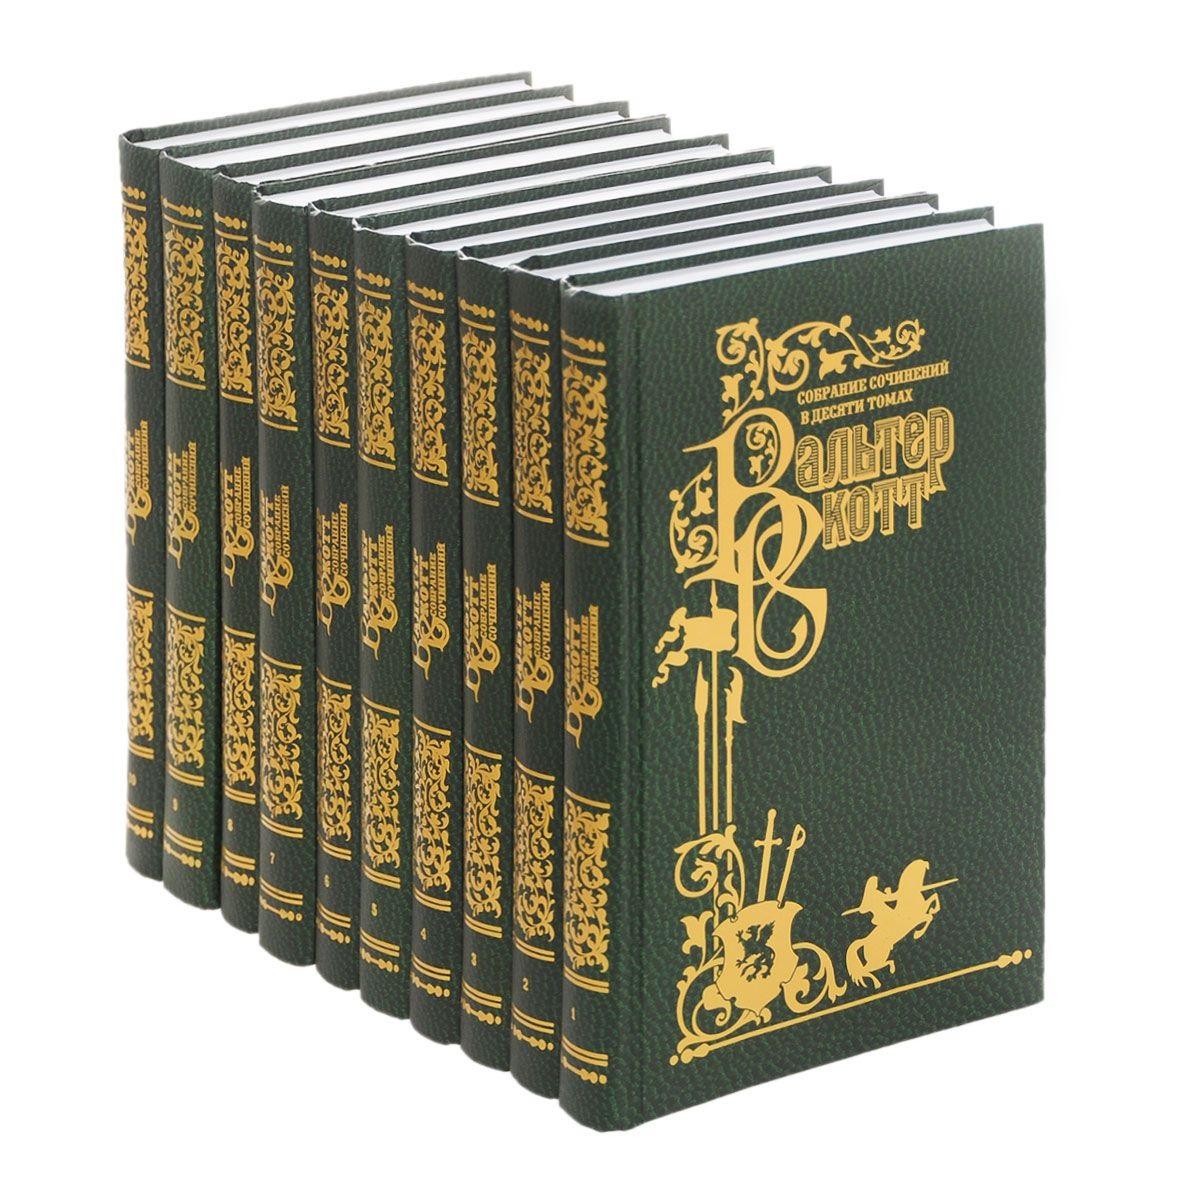 Скотт В. Вальтер Скотт. Собрание сочинений. В десяти томах (комплект из 10 книг) константин симонов собрание сочинений в 10 томах комплект